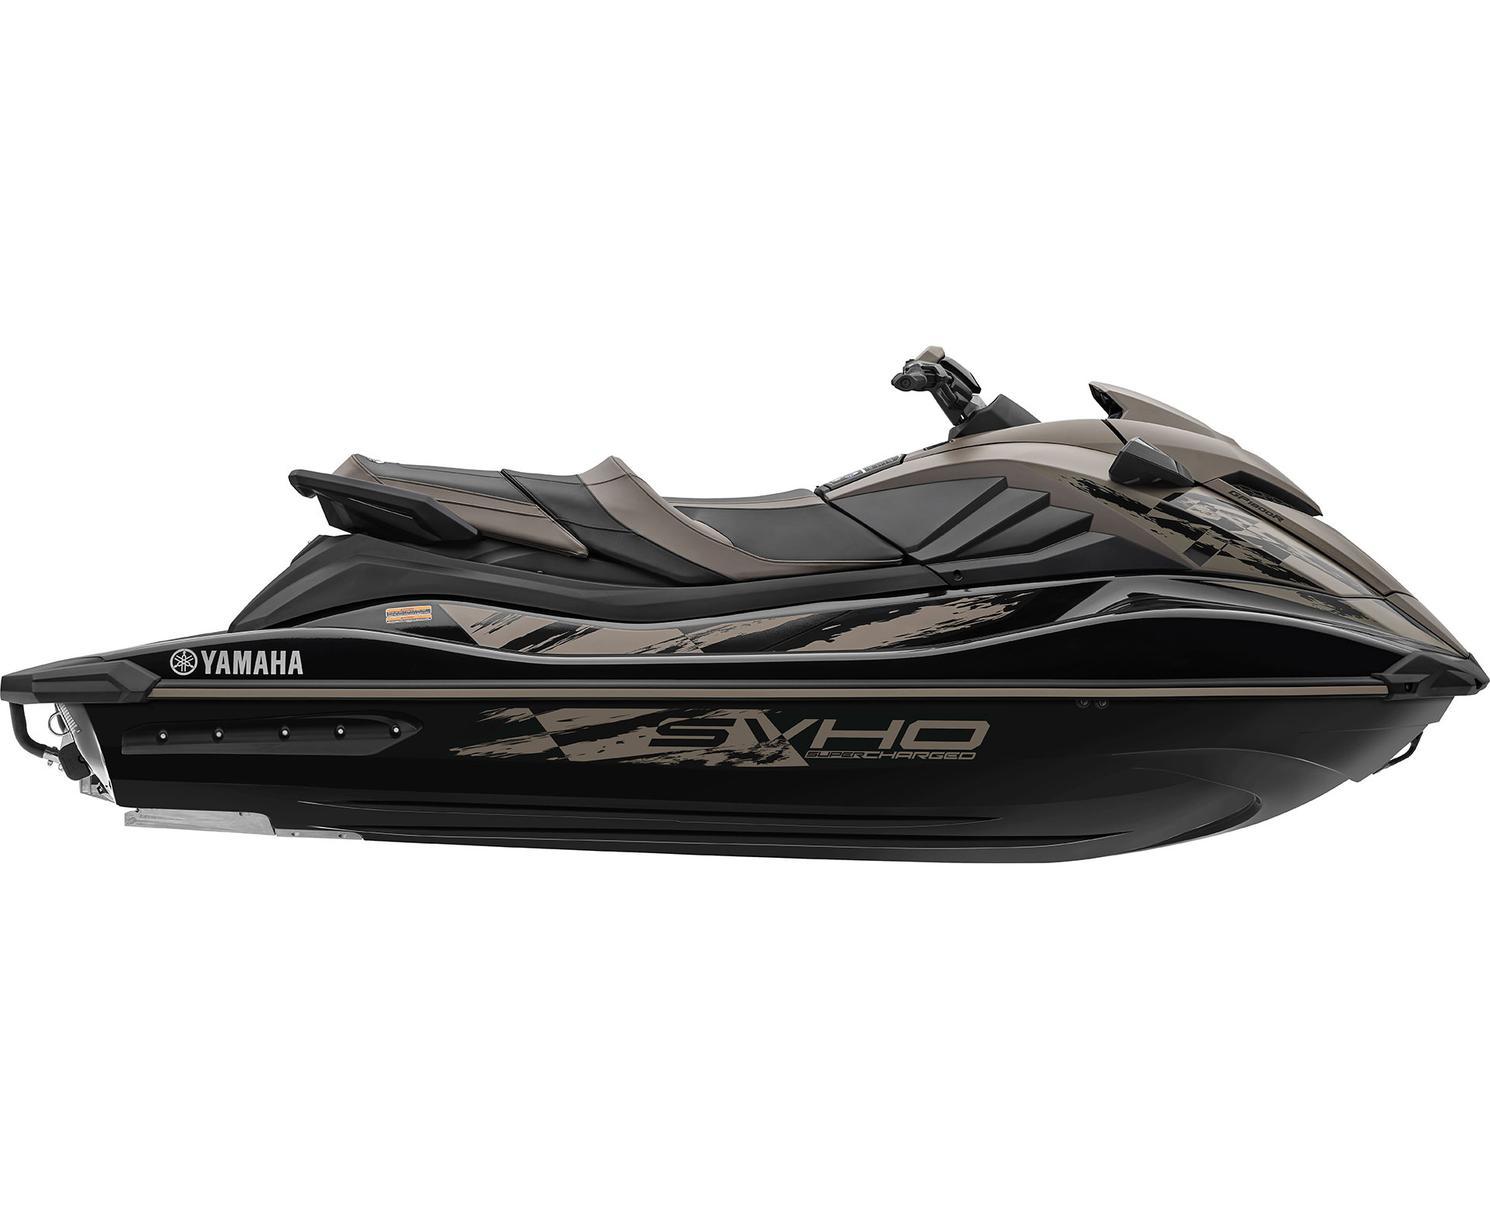 2022 Yamaha GP1800R SVHO Black/Titan Grey